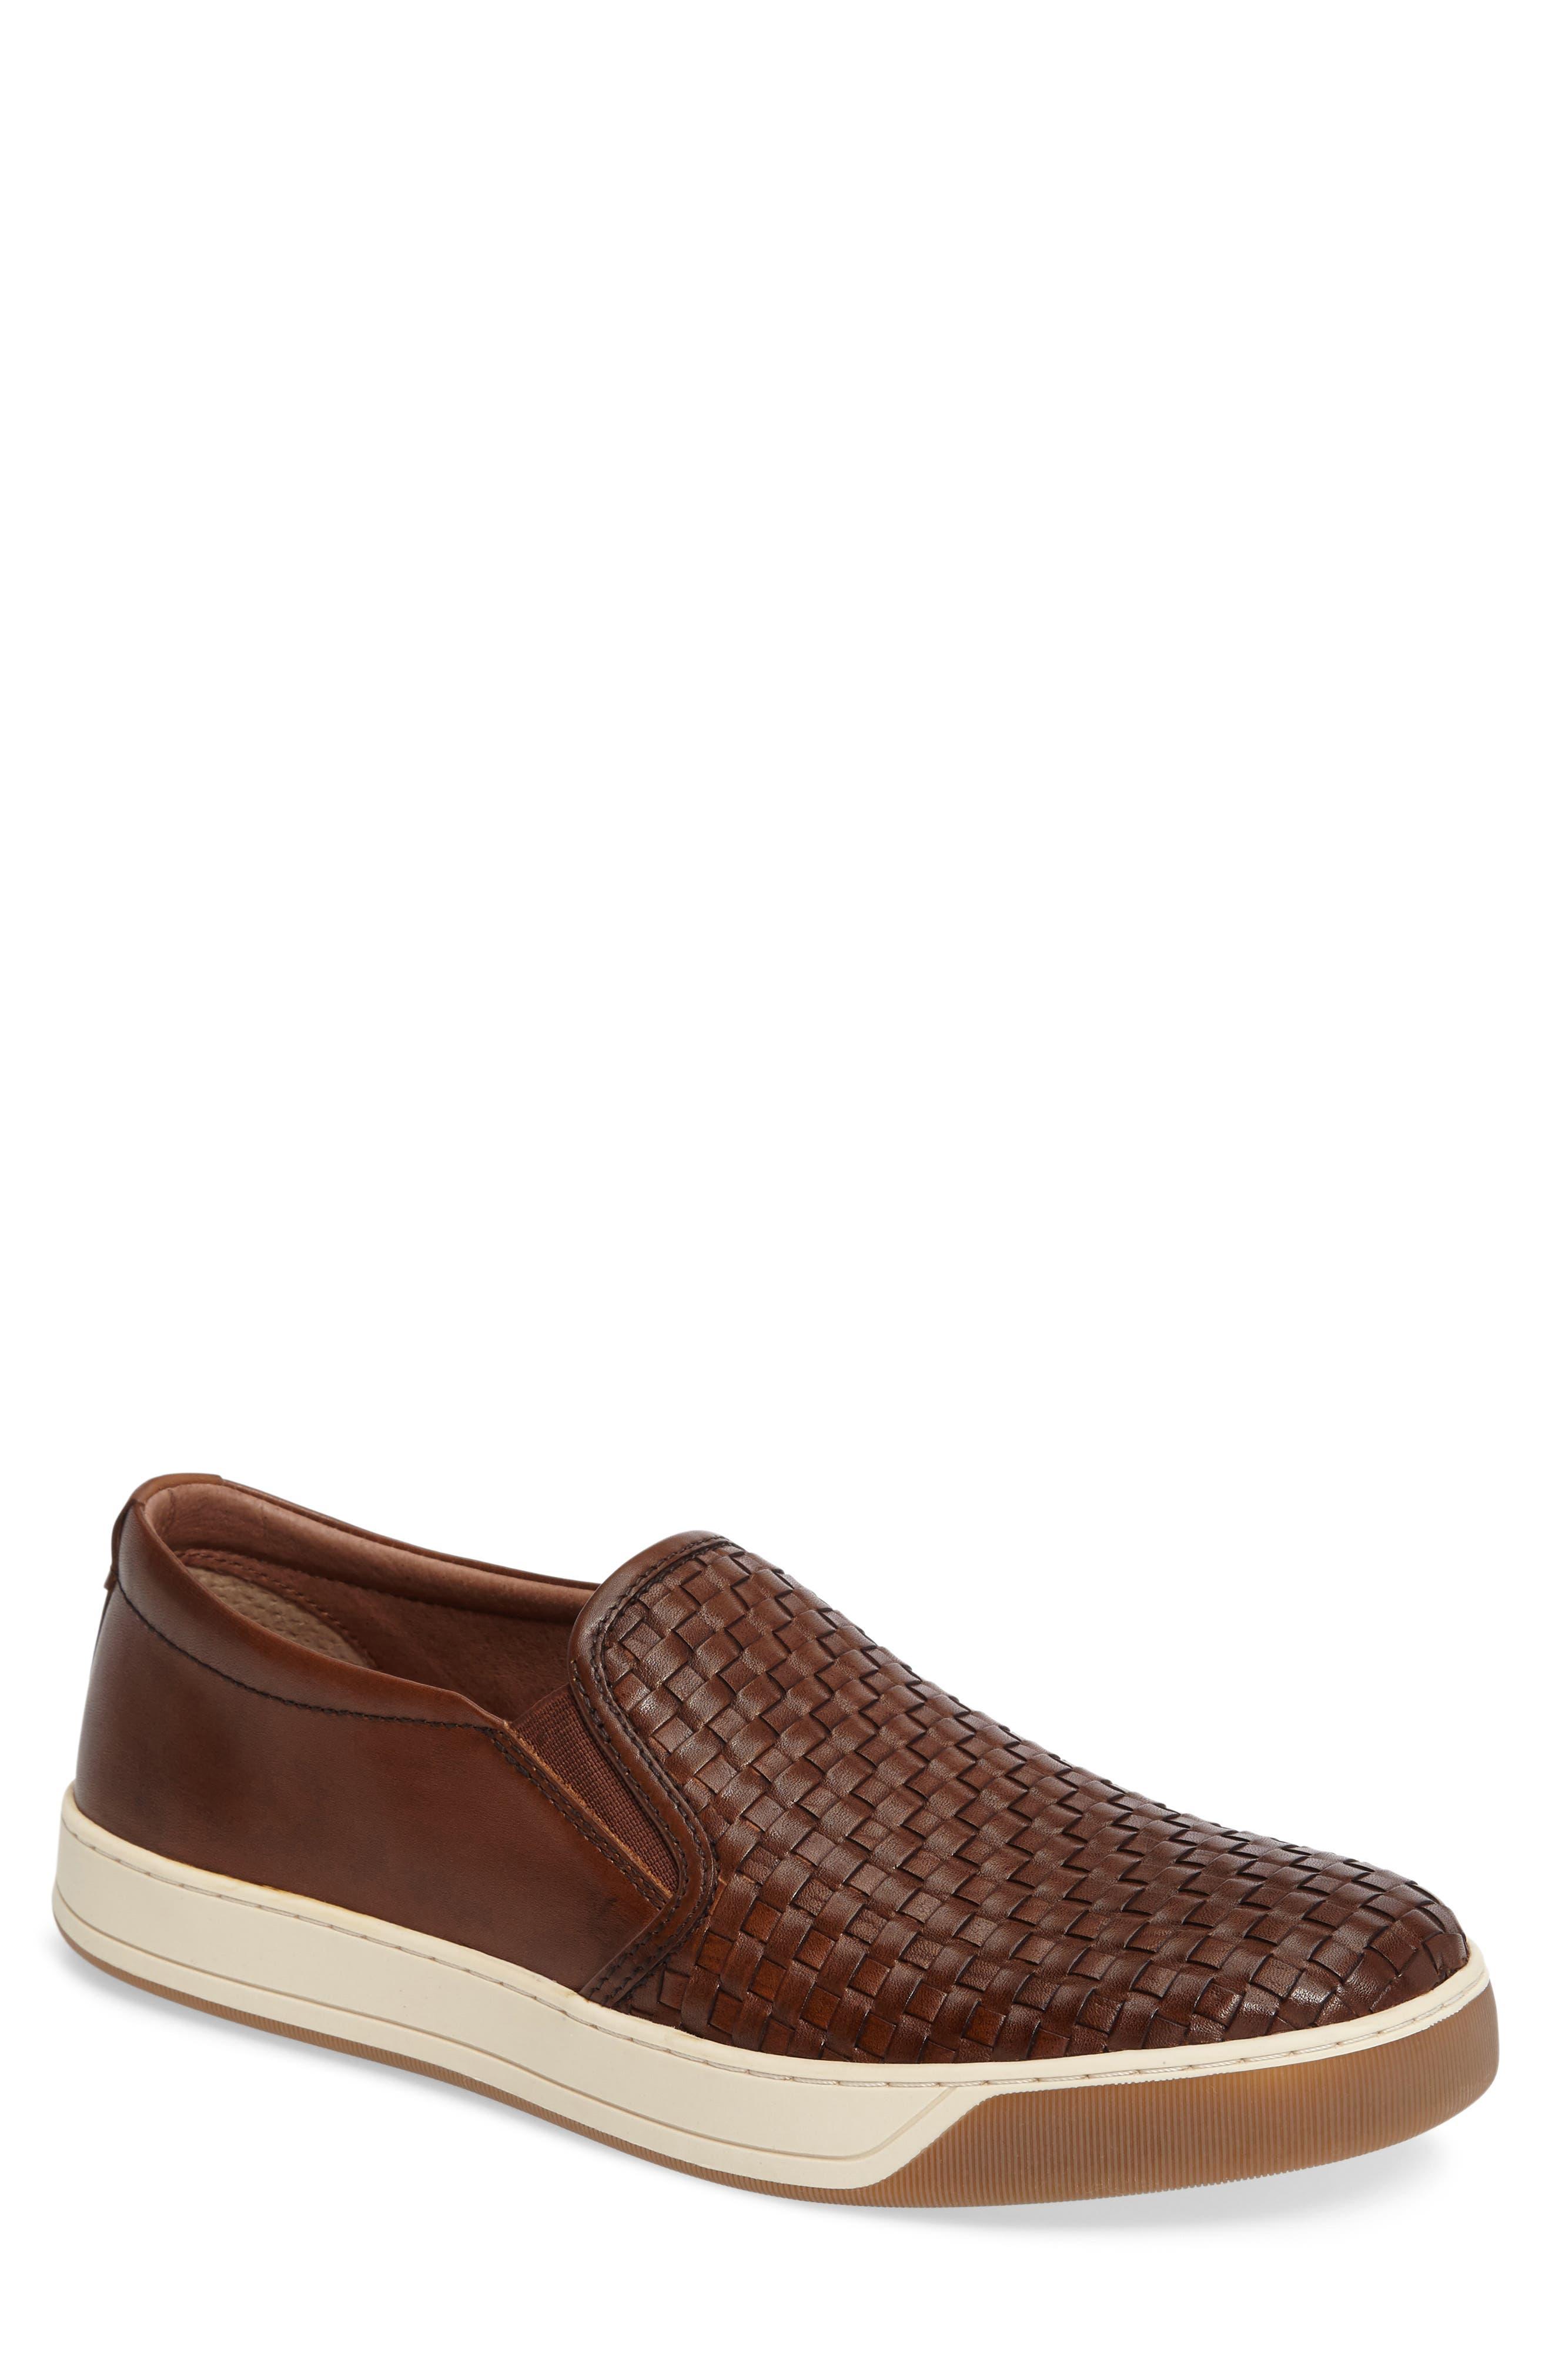 J&M 1850 Allister Slip-On Sneaker (Men)